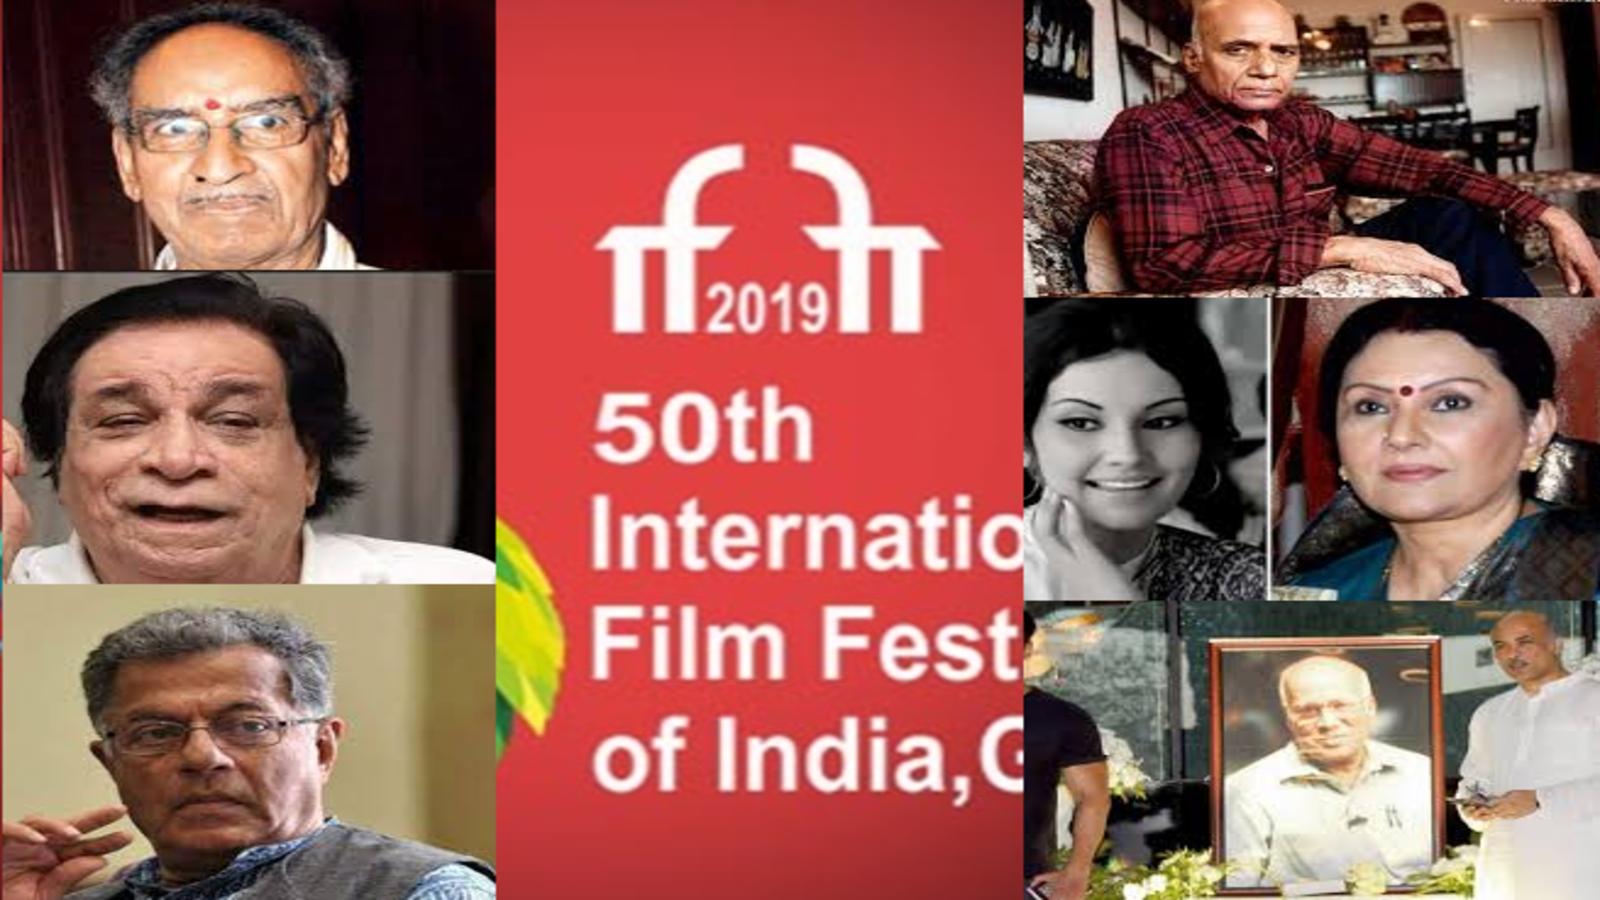 Image result for IFFI 2019 GOA : इन 13 दिग्गज फ़िल्मी हस्तियों को दी जाएगी श्रद्धांजलि